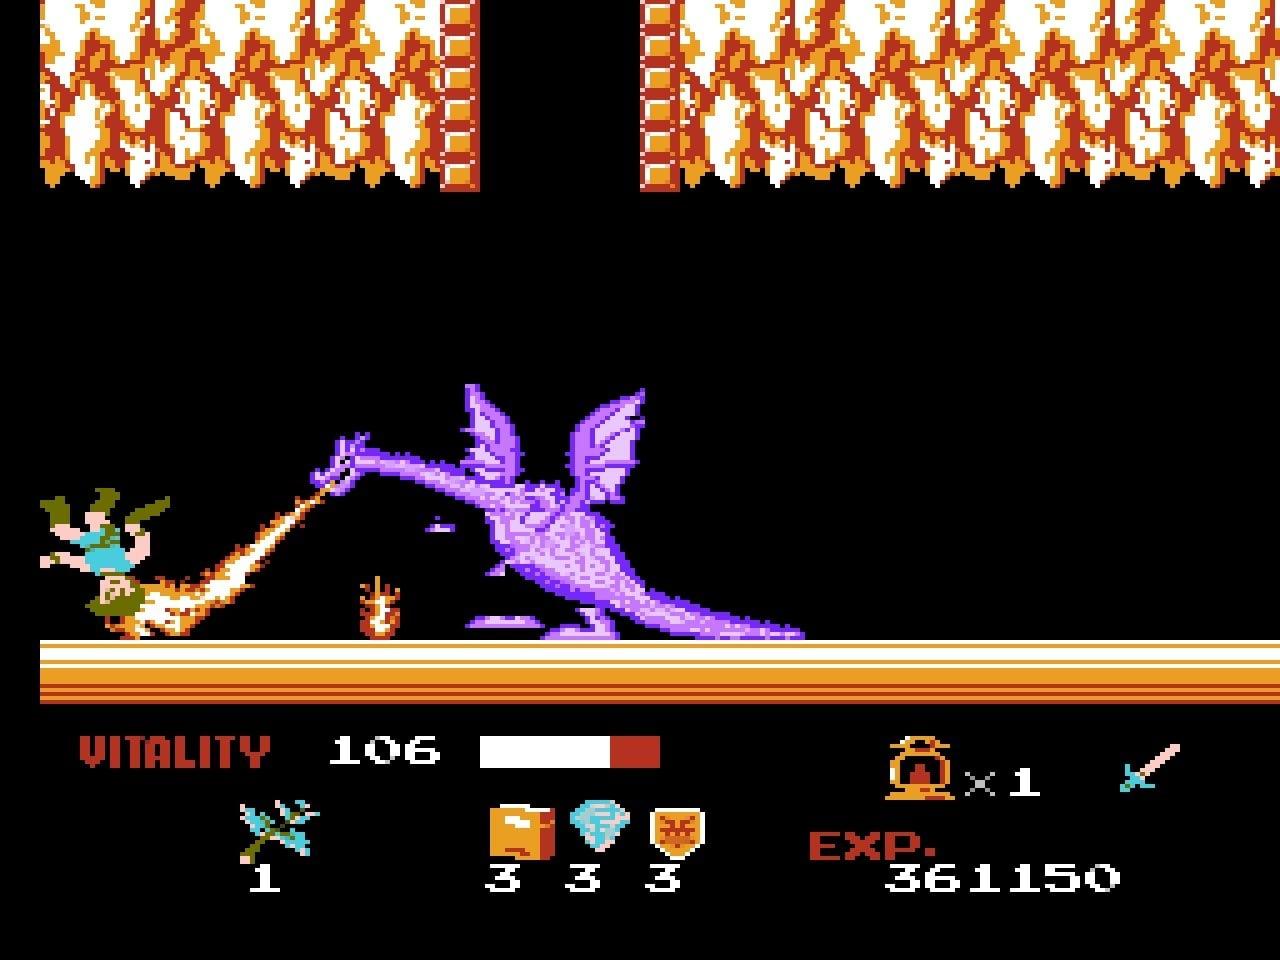 ファミコン版『ドラゴンバスター』金色に輝くカセットに詰まった「2段ジャンプ」「兜割り」習得の記憶の画像004